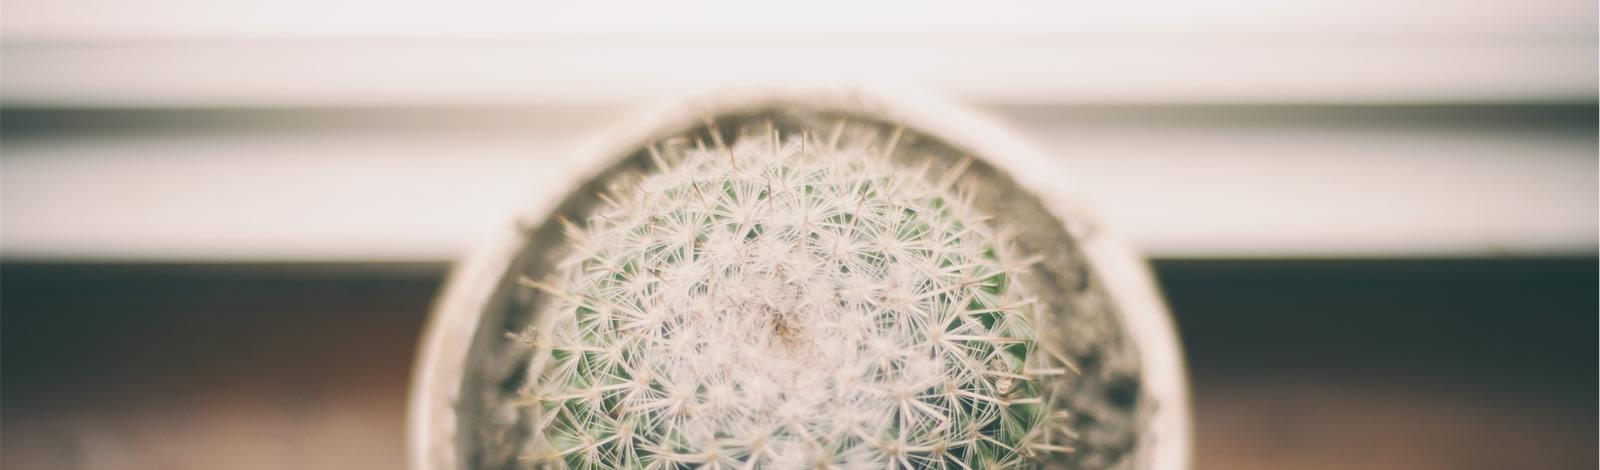 cactus - een netelige situatie